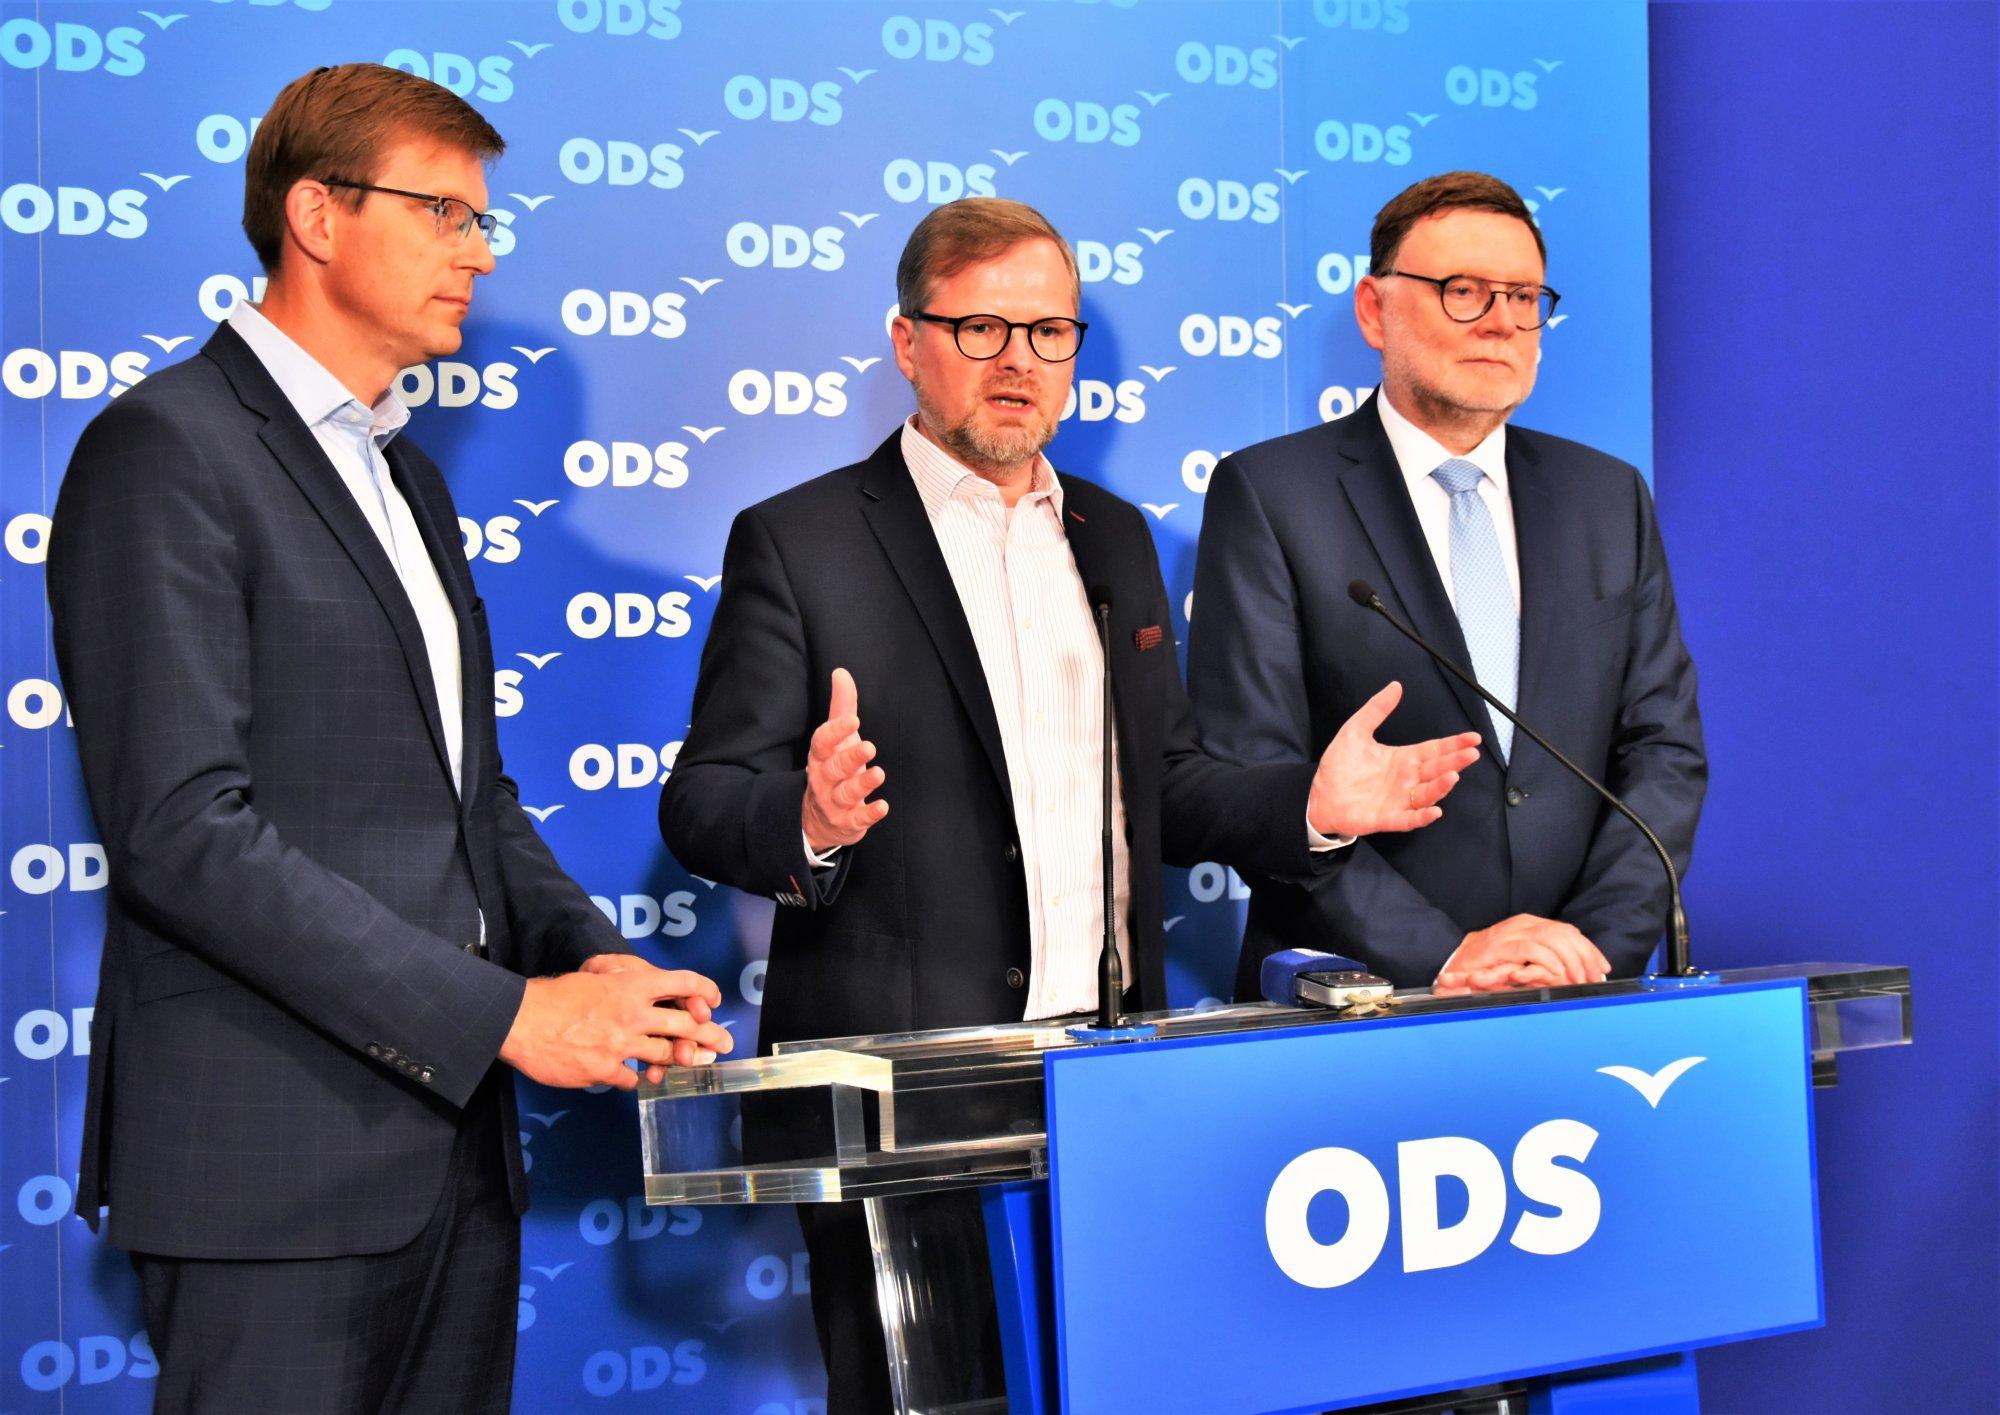 ODS: Babiš je slabý premiér, vláda v chaosu. Chceme znát konkrétní plány na řešení problémů ČR